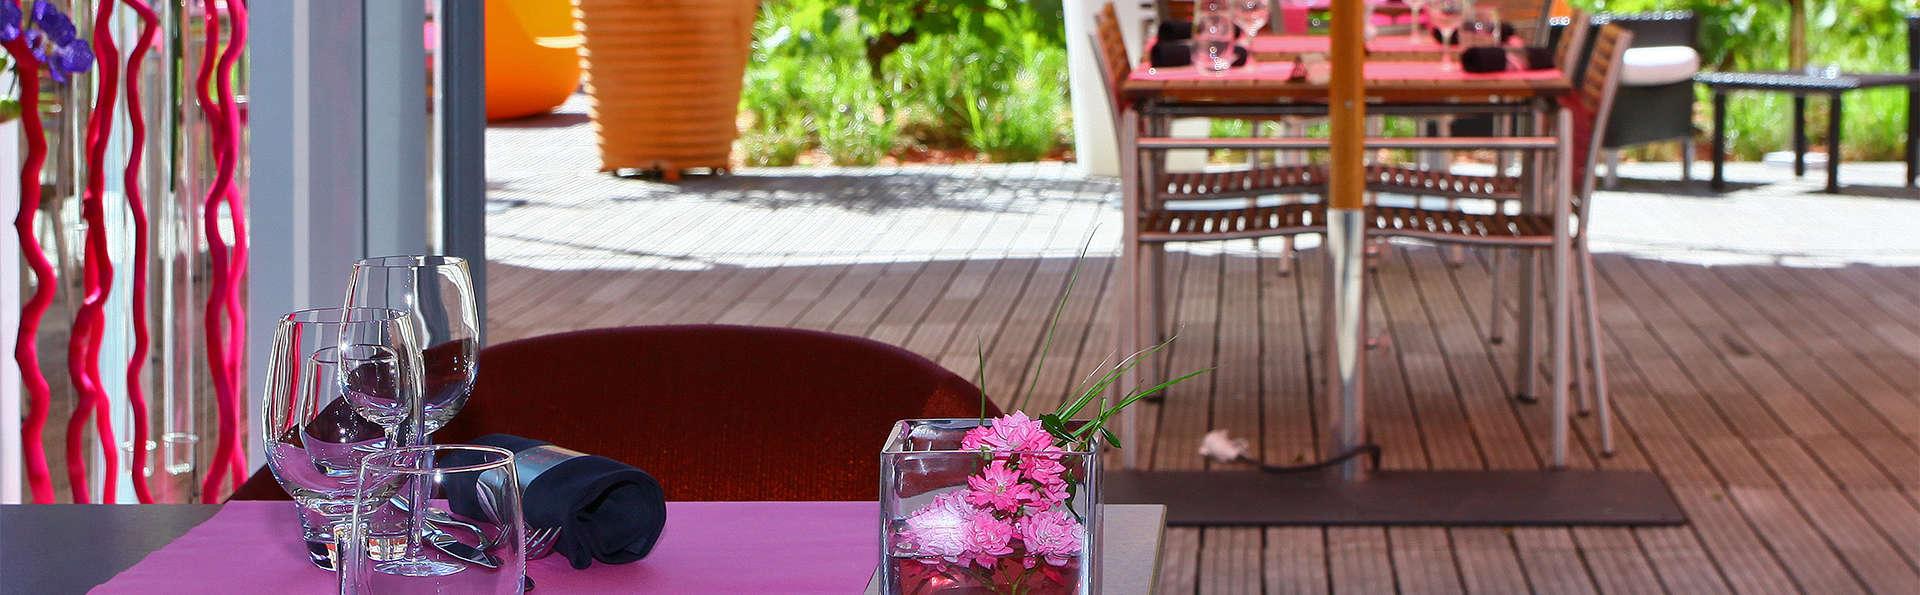 Week-end détente gourmand avec dîner et accès spa à Toulouse